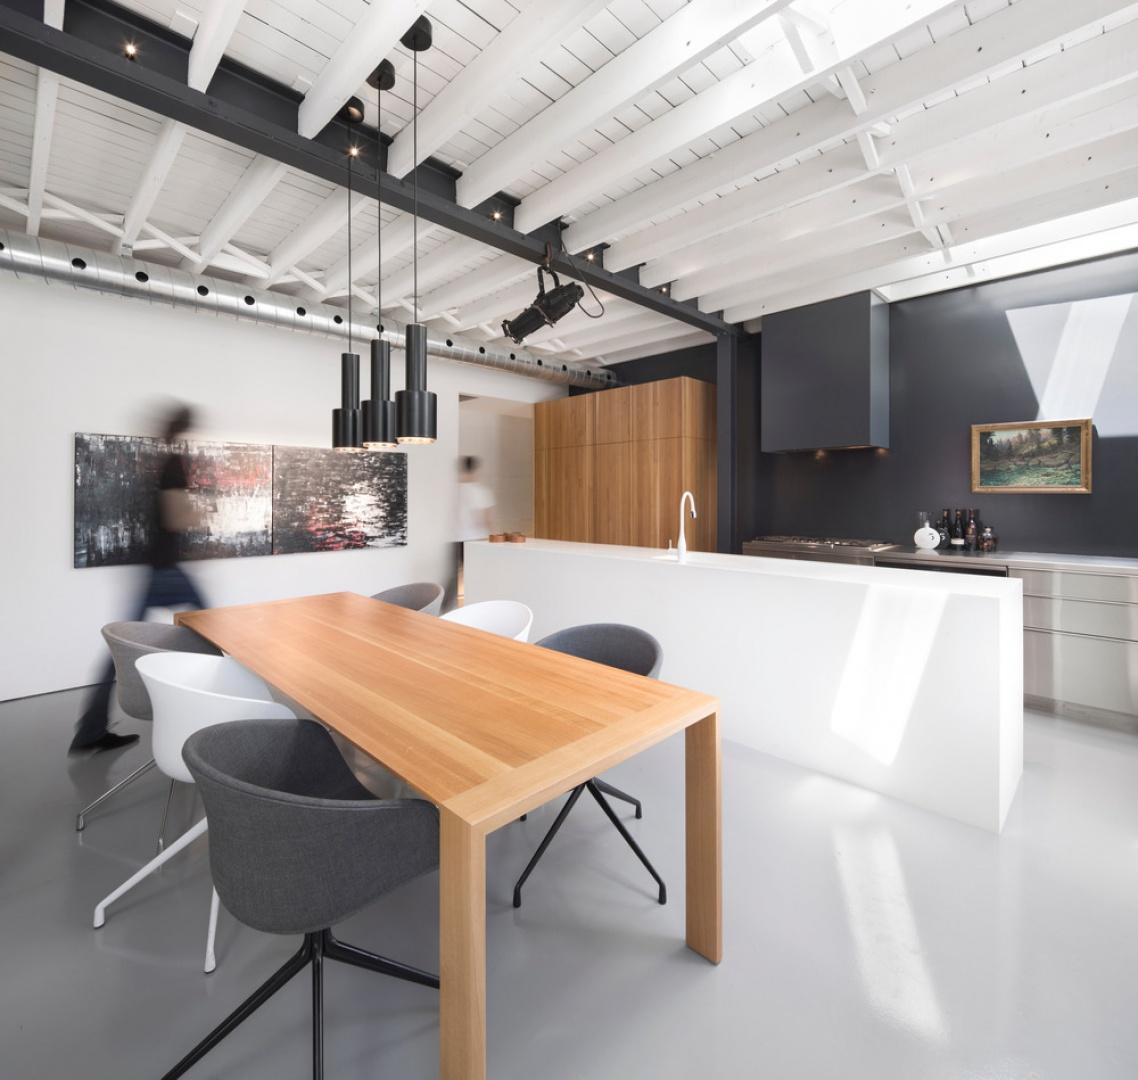 Loftową atmosferę we wnętrzu budują odsłonięte belki stropowe oraz towarzyszące im oświetlenie - zwłaszcza podsufitowa, techniczna lampa. Projekt: Atelier Moderno. Fot. Stéphane Groleau.